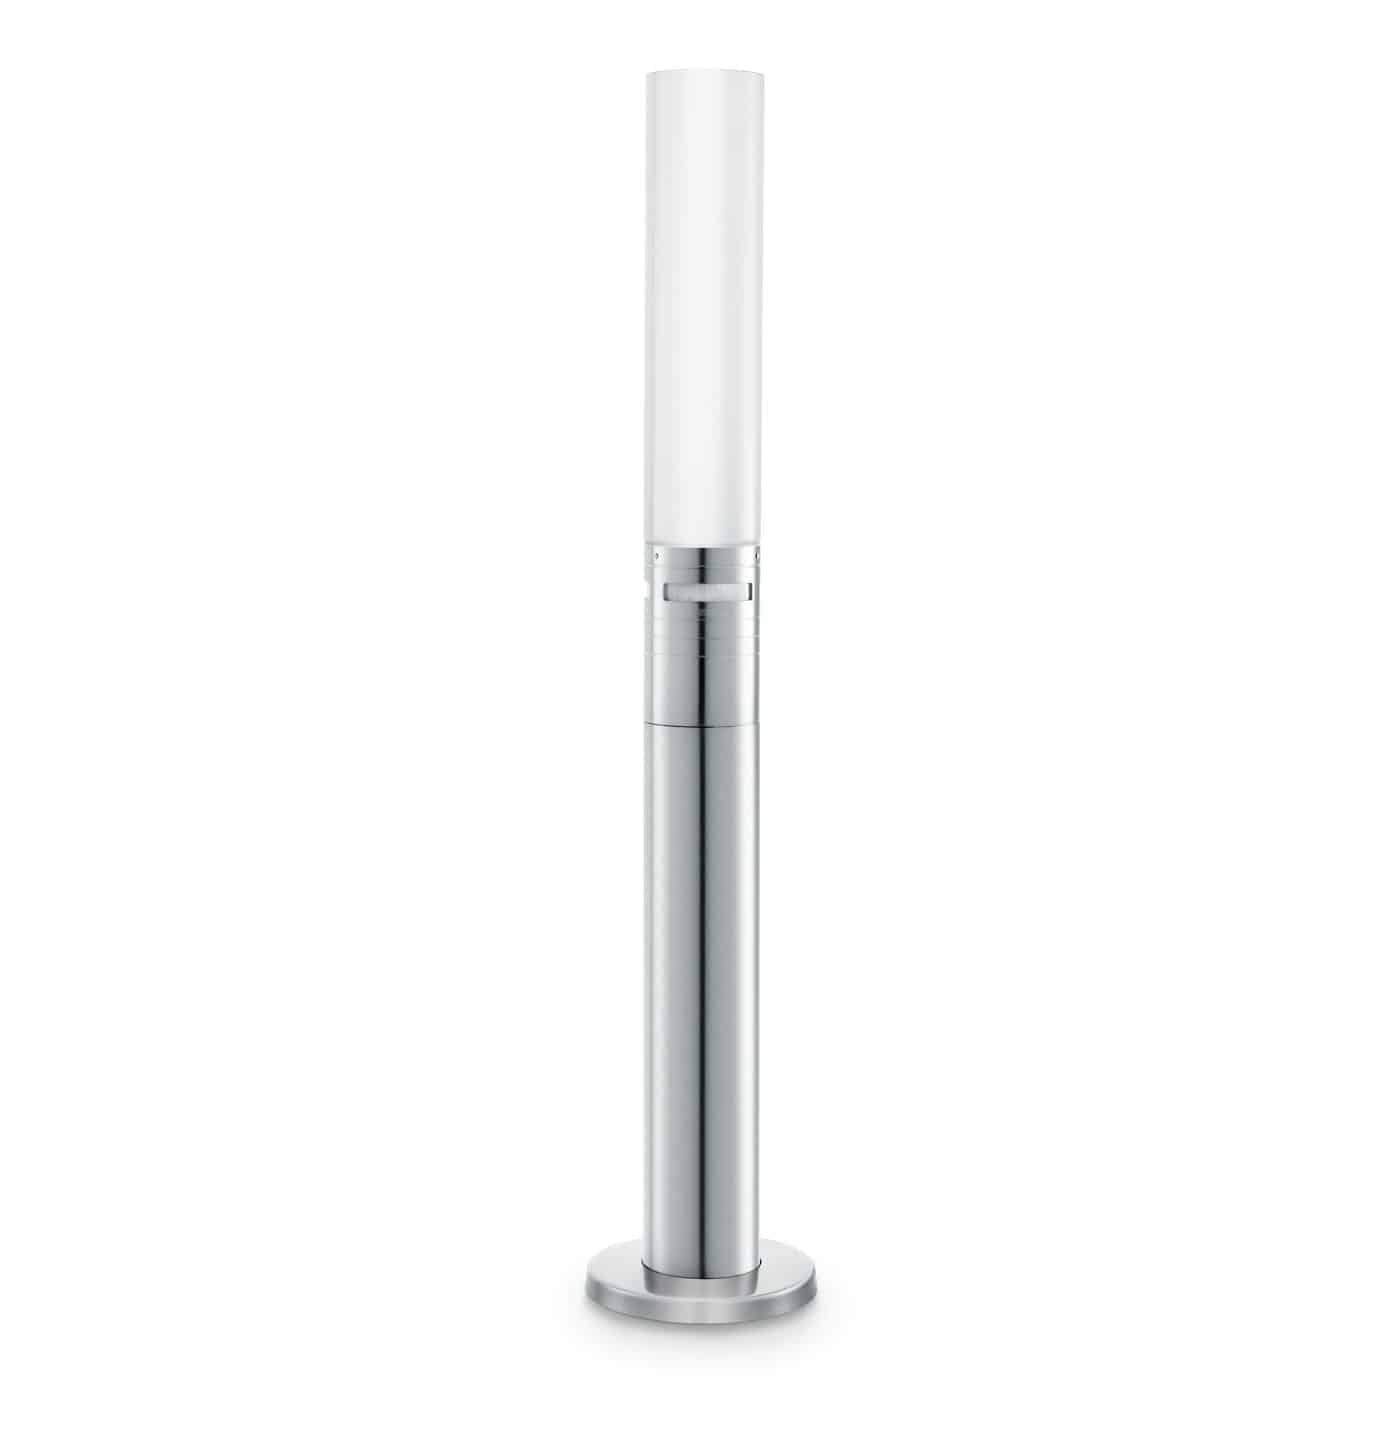 Steinel LED Gartenleuchte GL 60 LED, Wegeleuchte mit 360° Bewegungsmelder, Max. 12 m Reichweite, 8,6 W, Höhenverstellbar